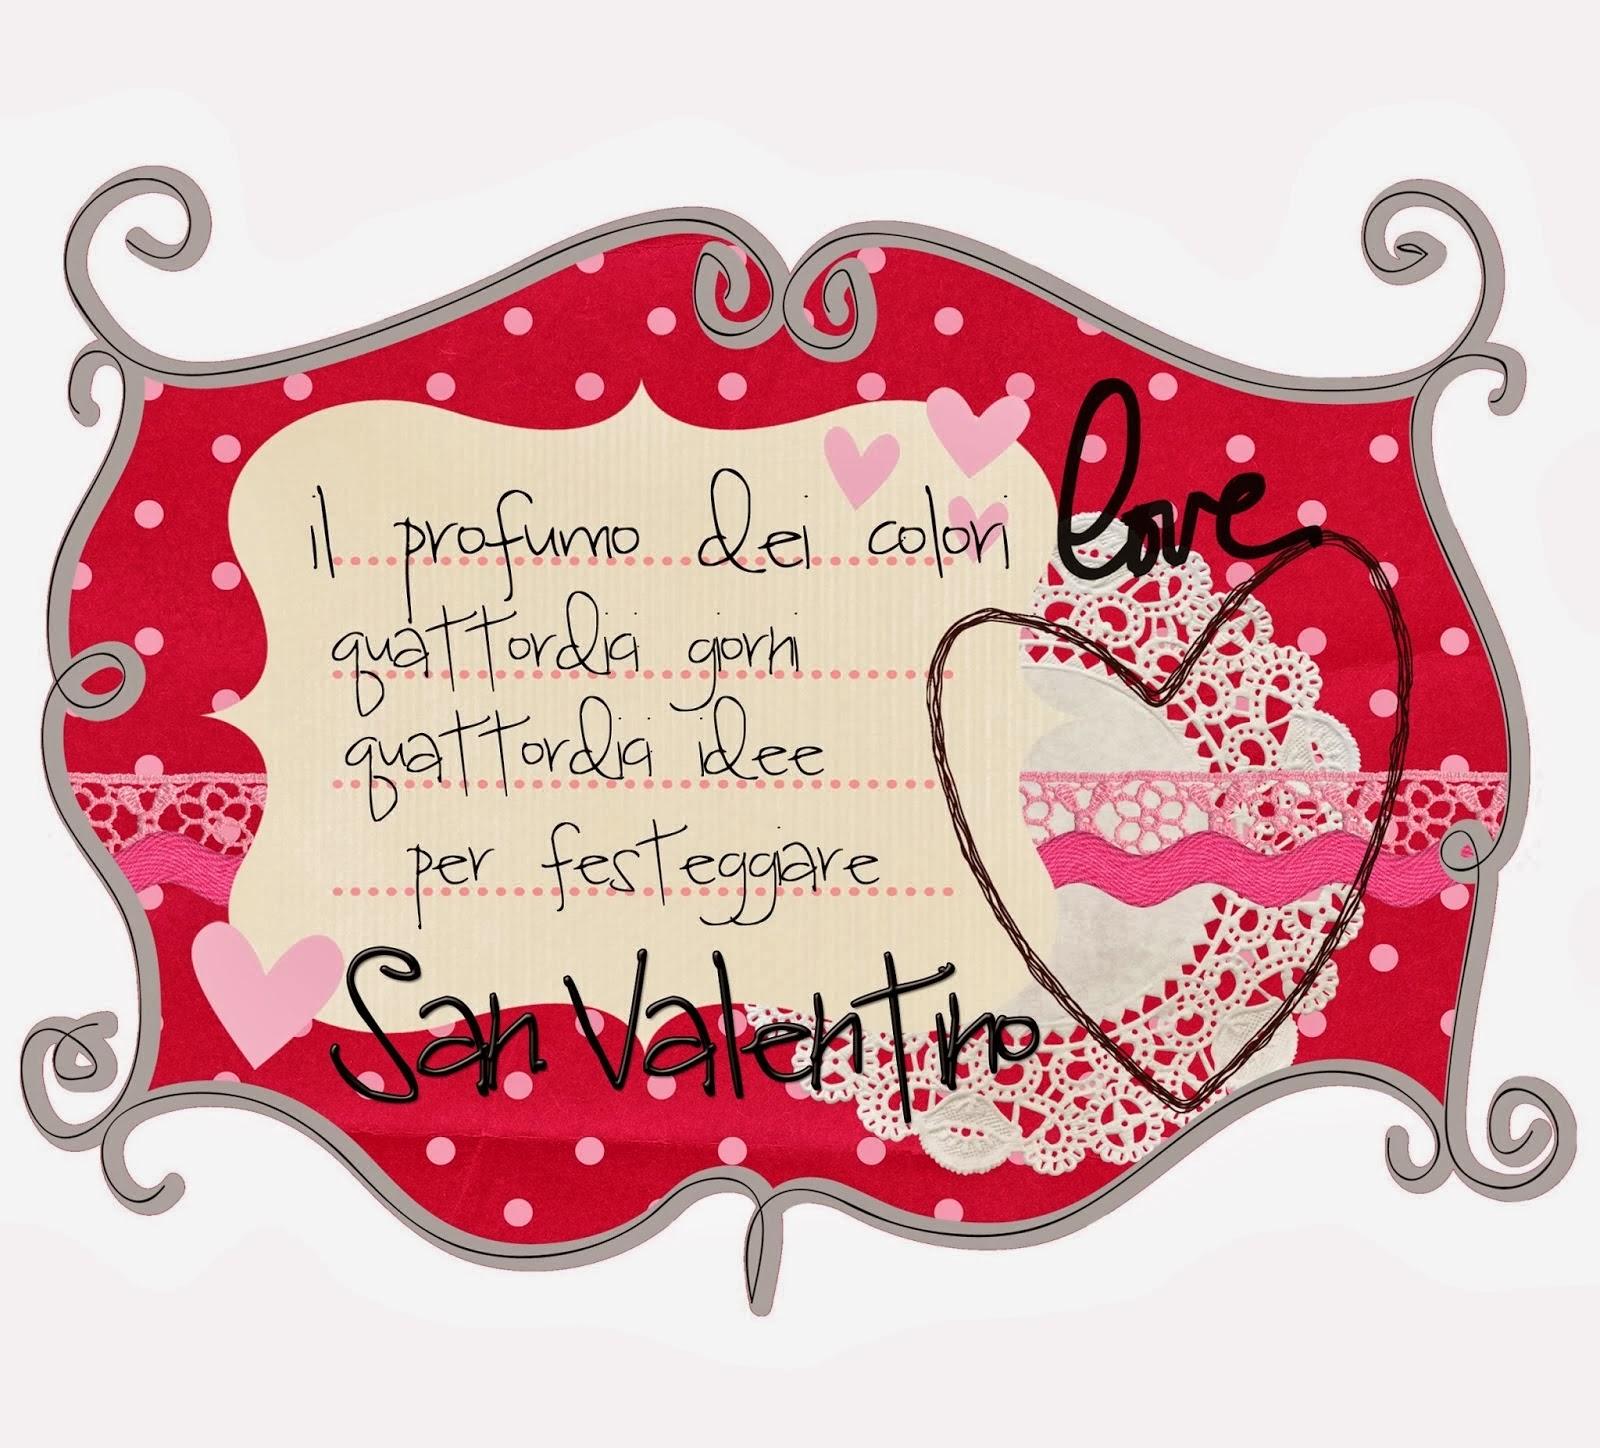 http://ilprofumodeicolori.blogspot.it/